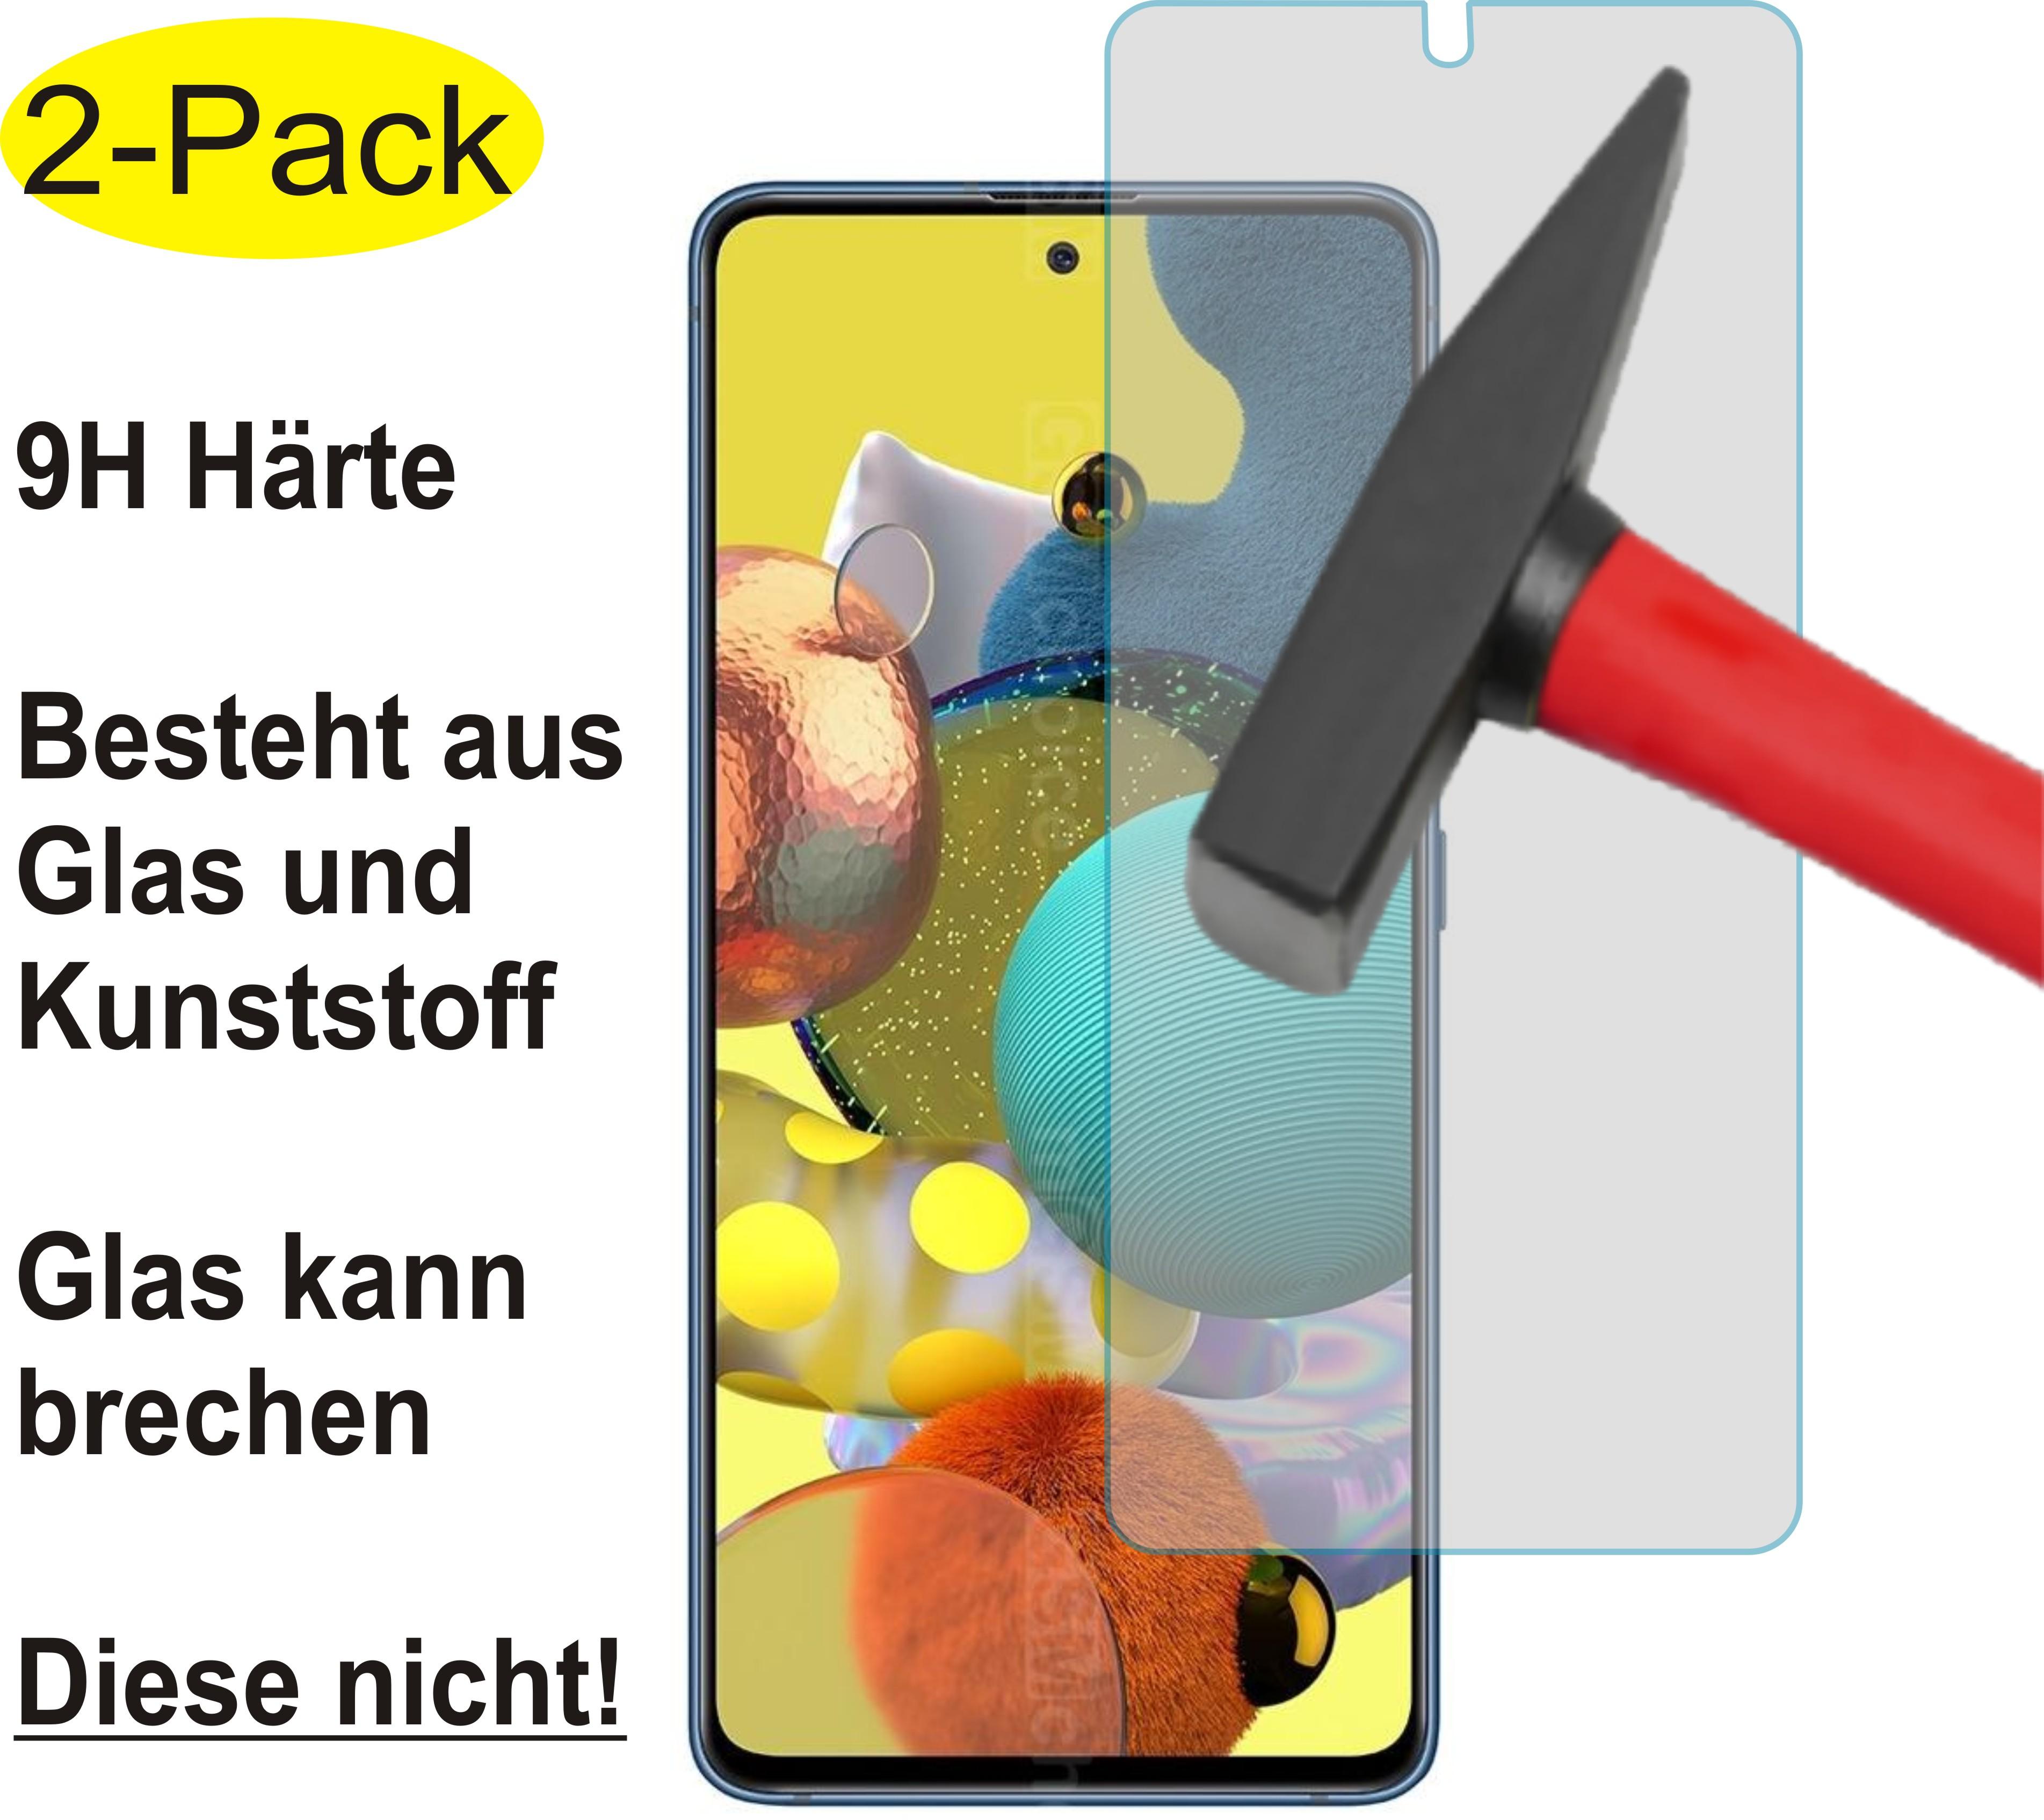 2x EnWi 9H Displayschutzfolie KLAR Panzerfolie für Samsung Galaxy A51 5G UW